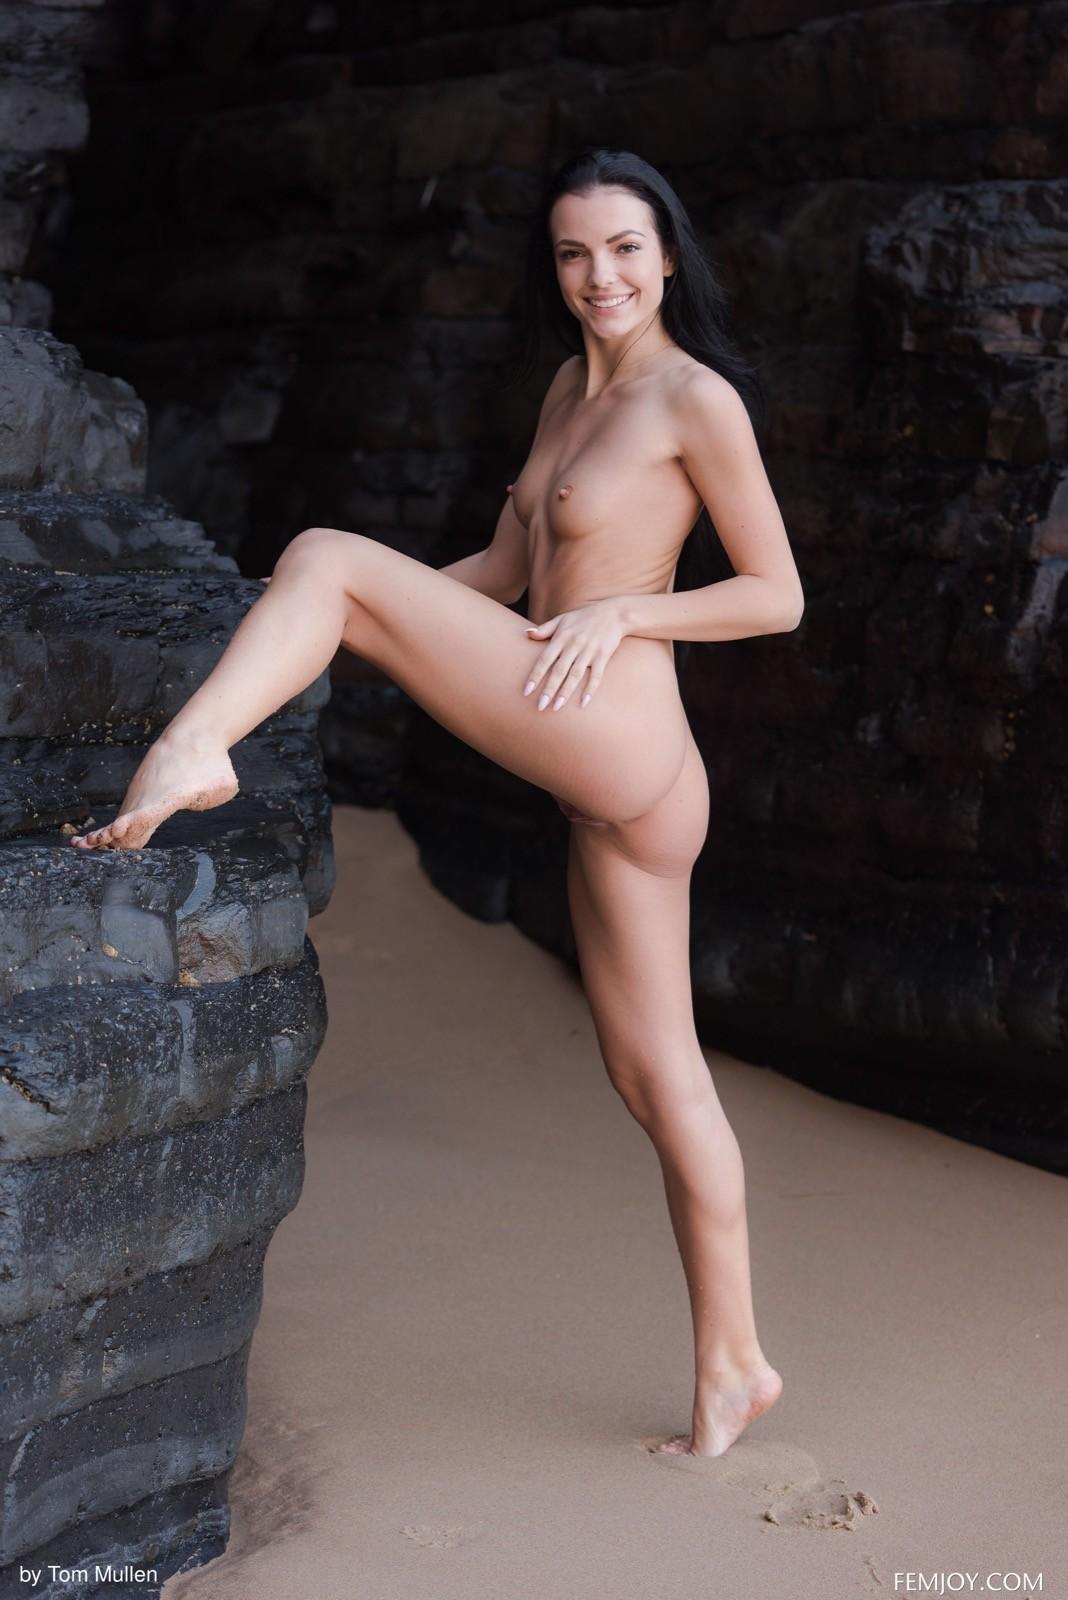 Красивая брюнетка оголила плоские сиськи на пляже - фото